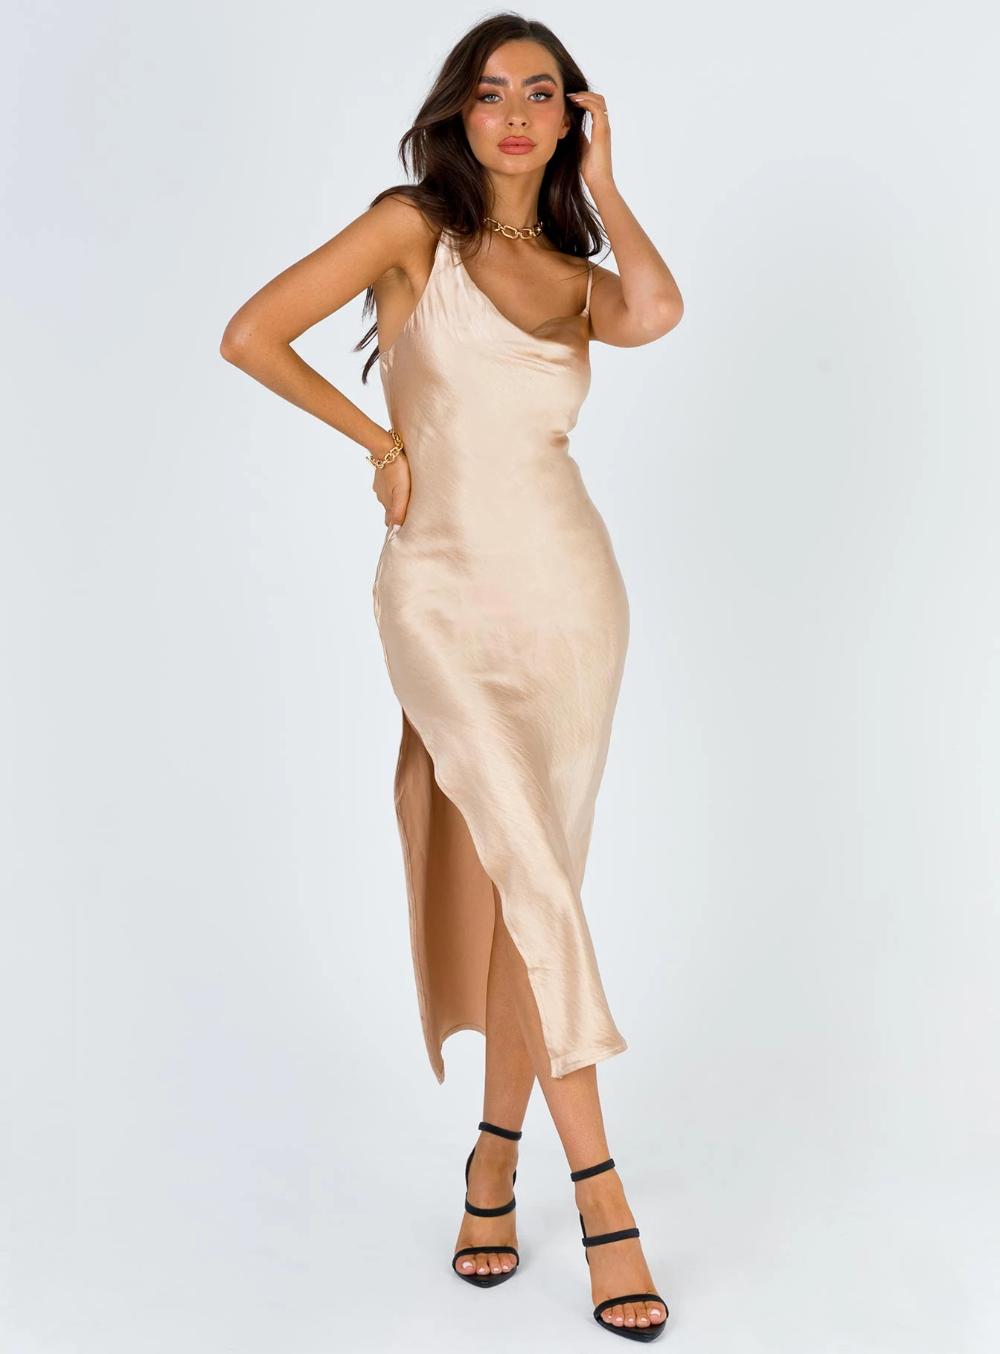 Zamora Maxi Dress In 2021 Stylish Maxi Dress Maxi Dress Maxi Dress Prom [ 1354 x 1000 Pixel ]